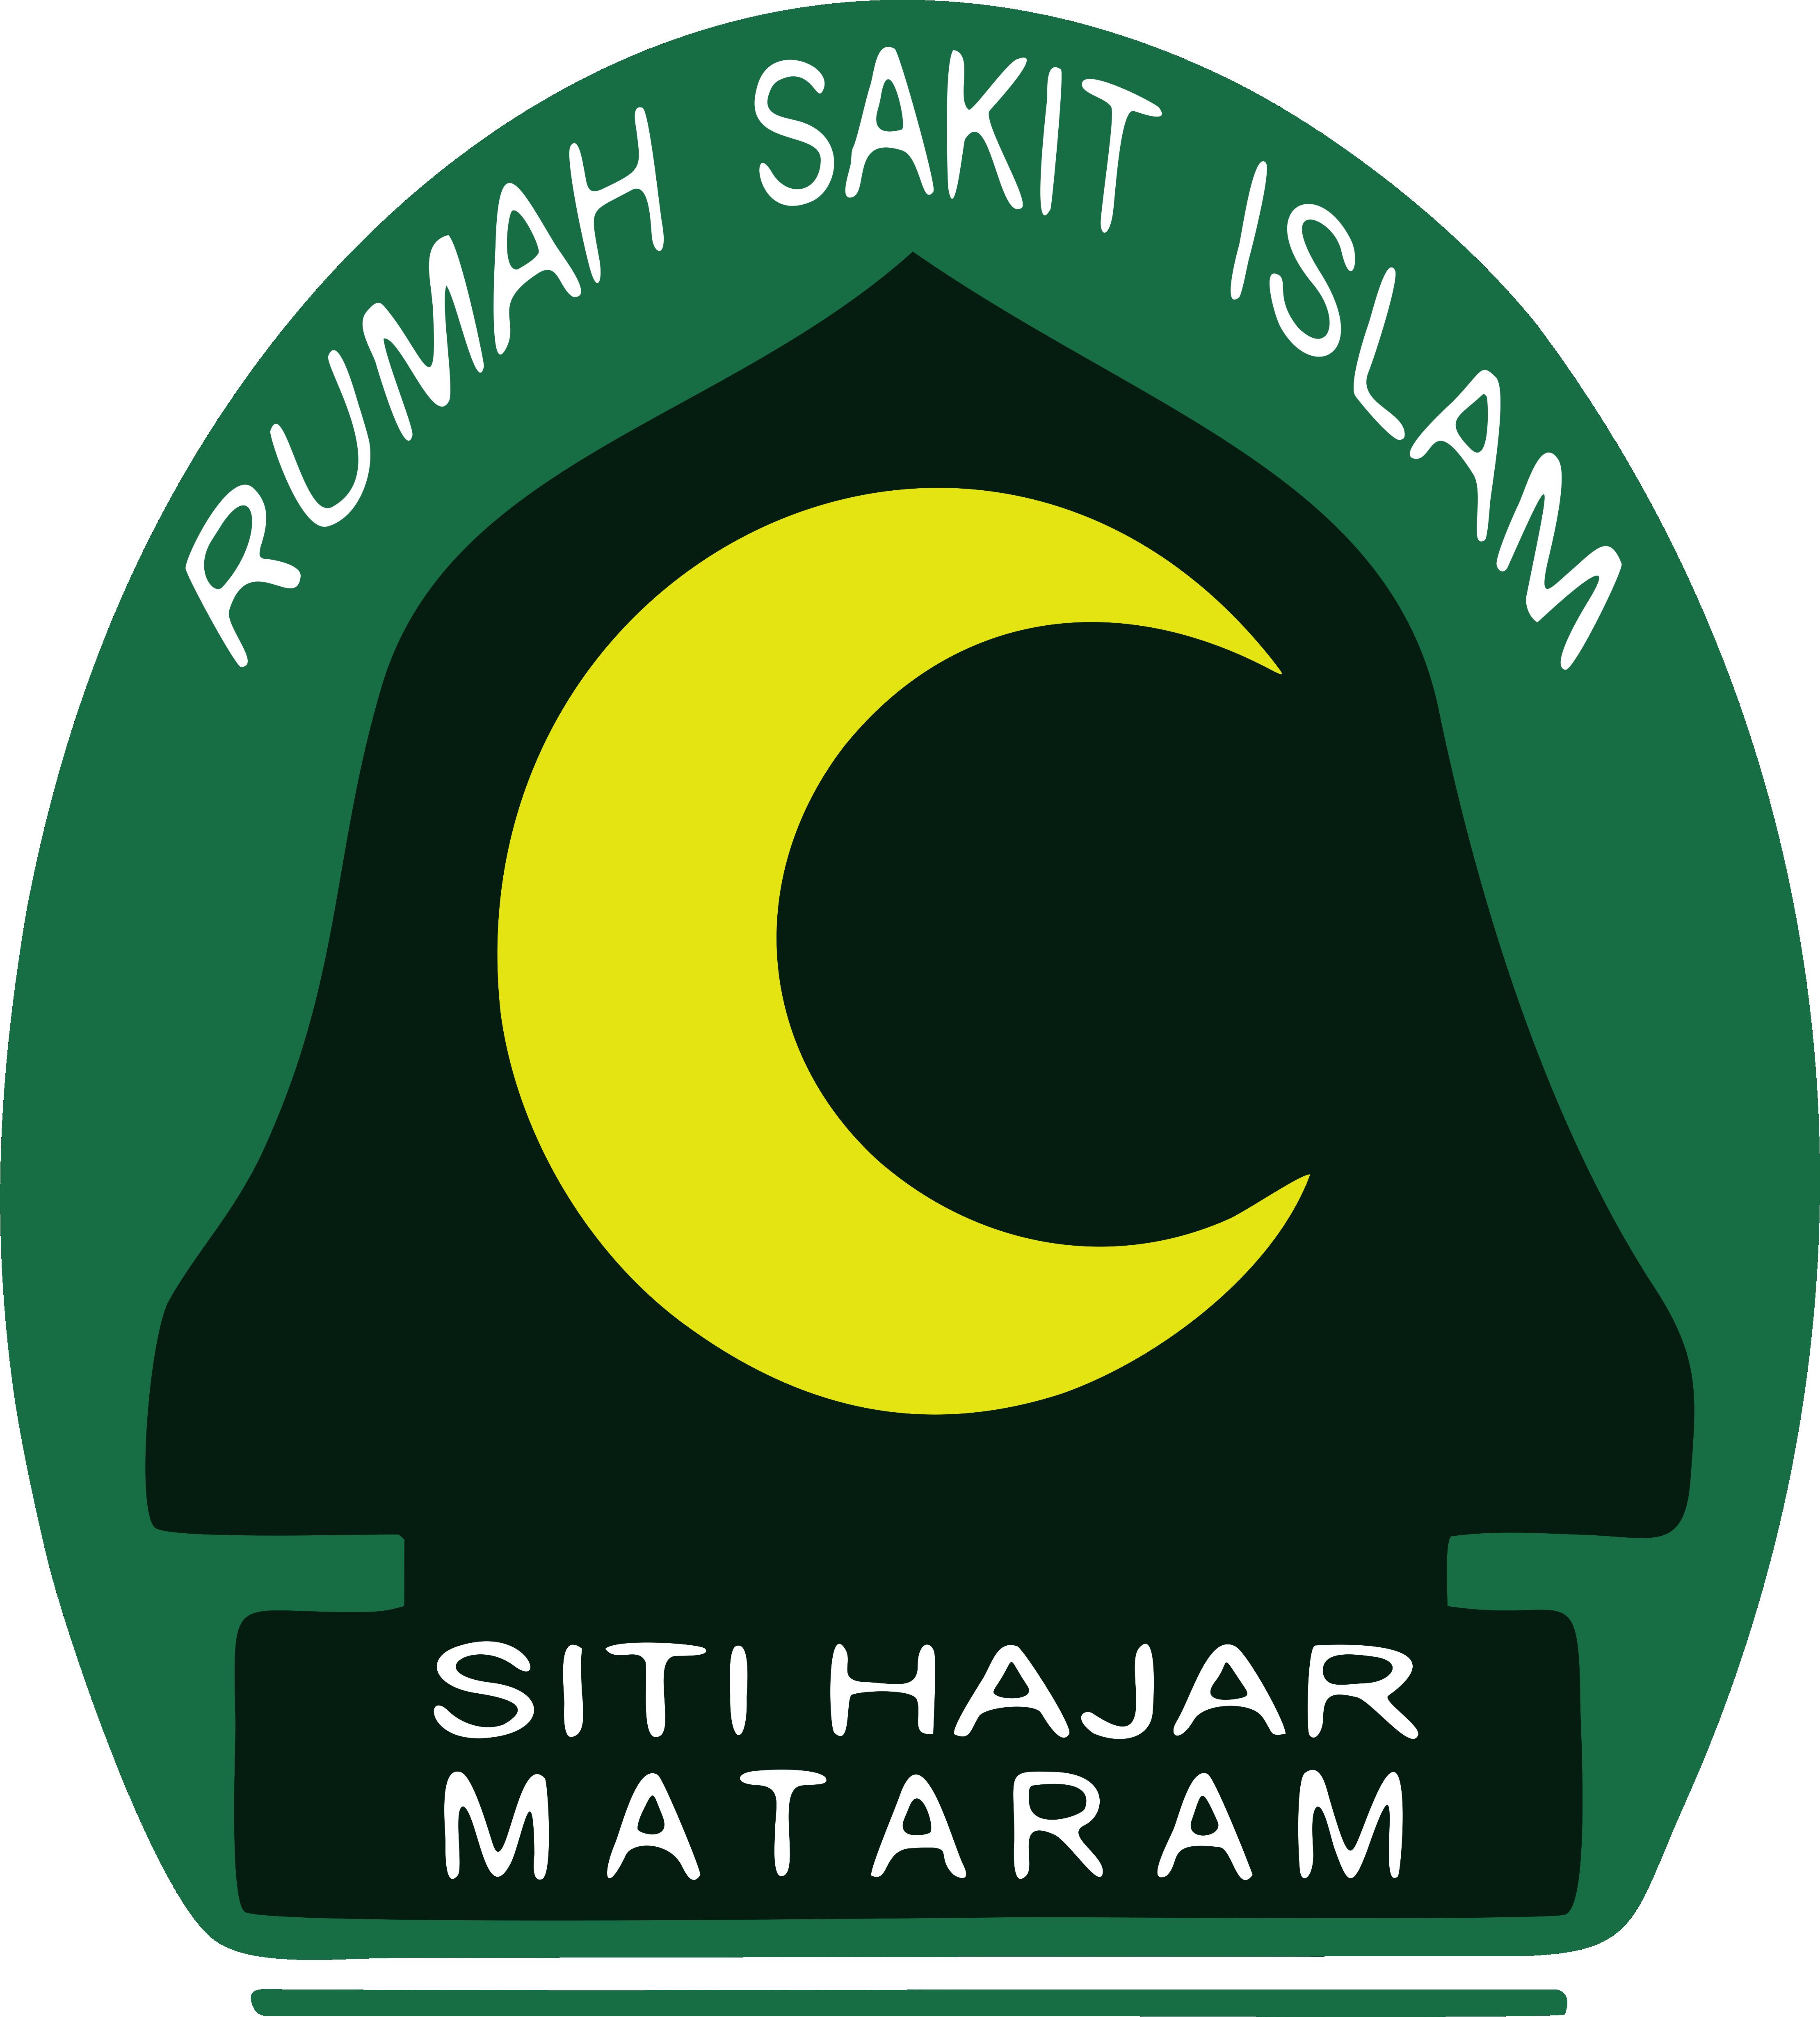 Rumah Sakit Islam Siti Hajar Mataram